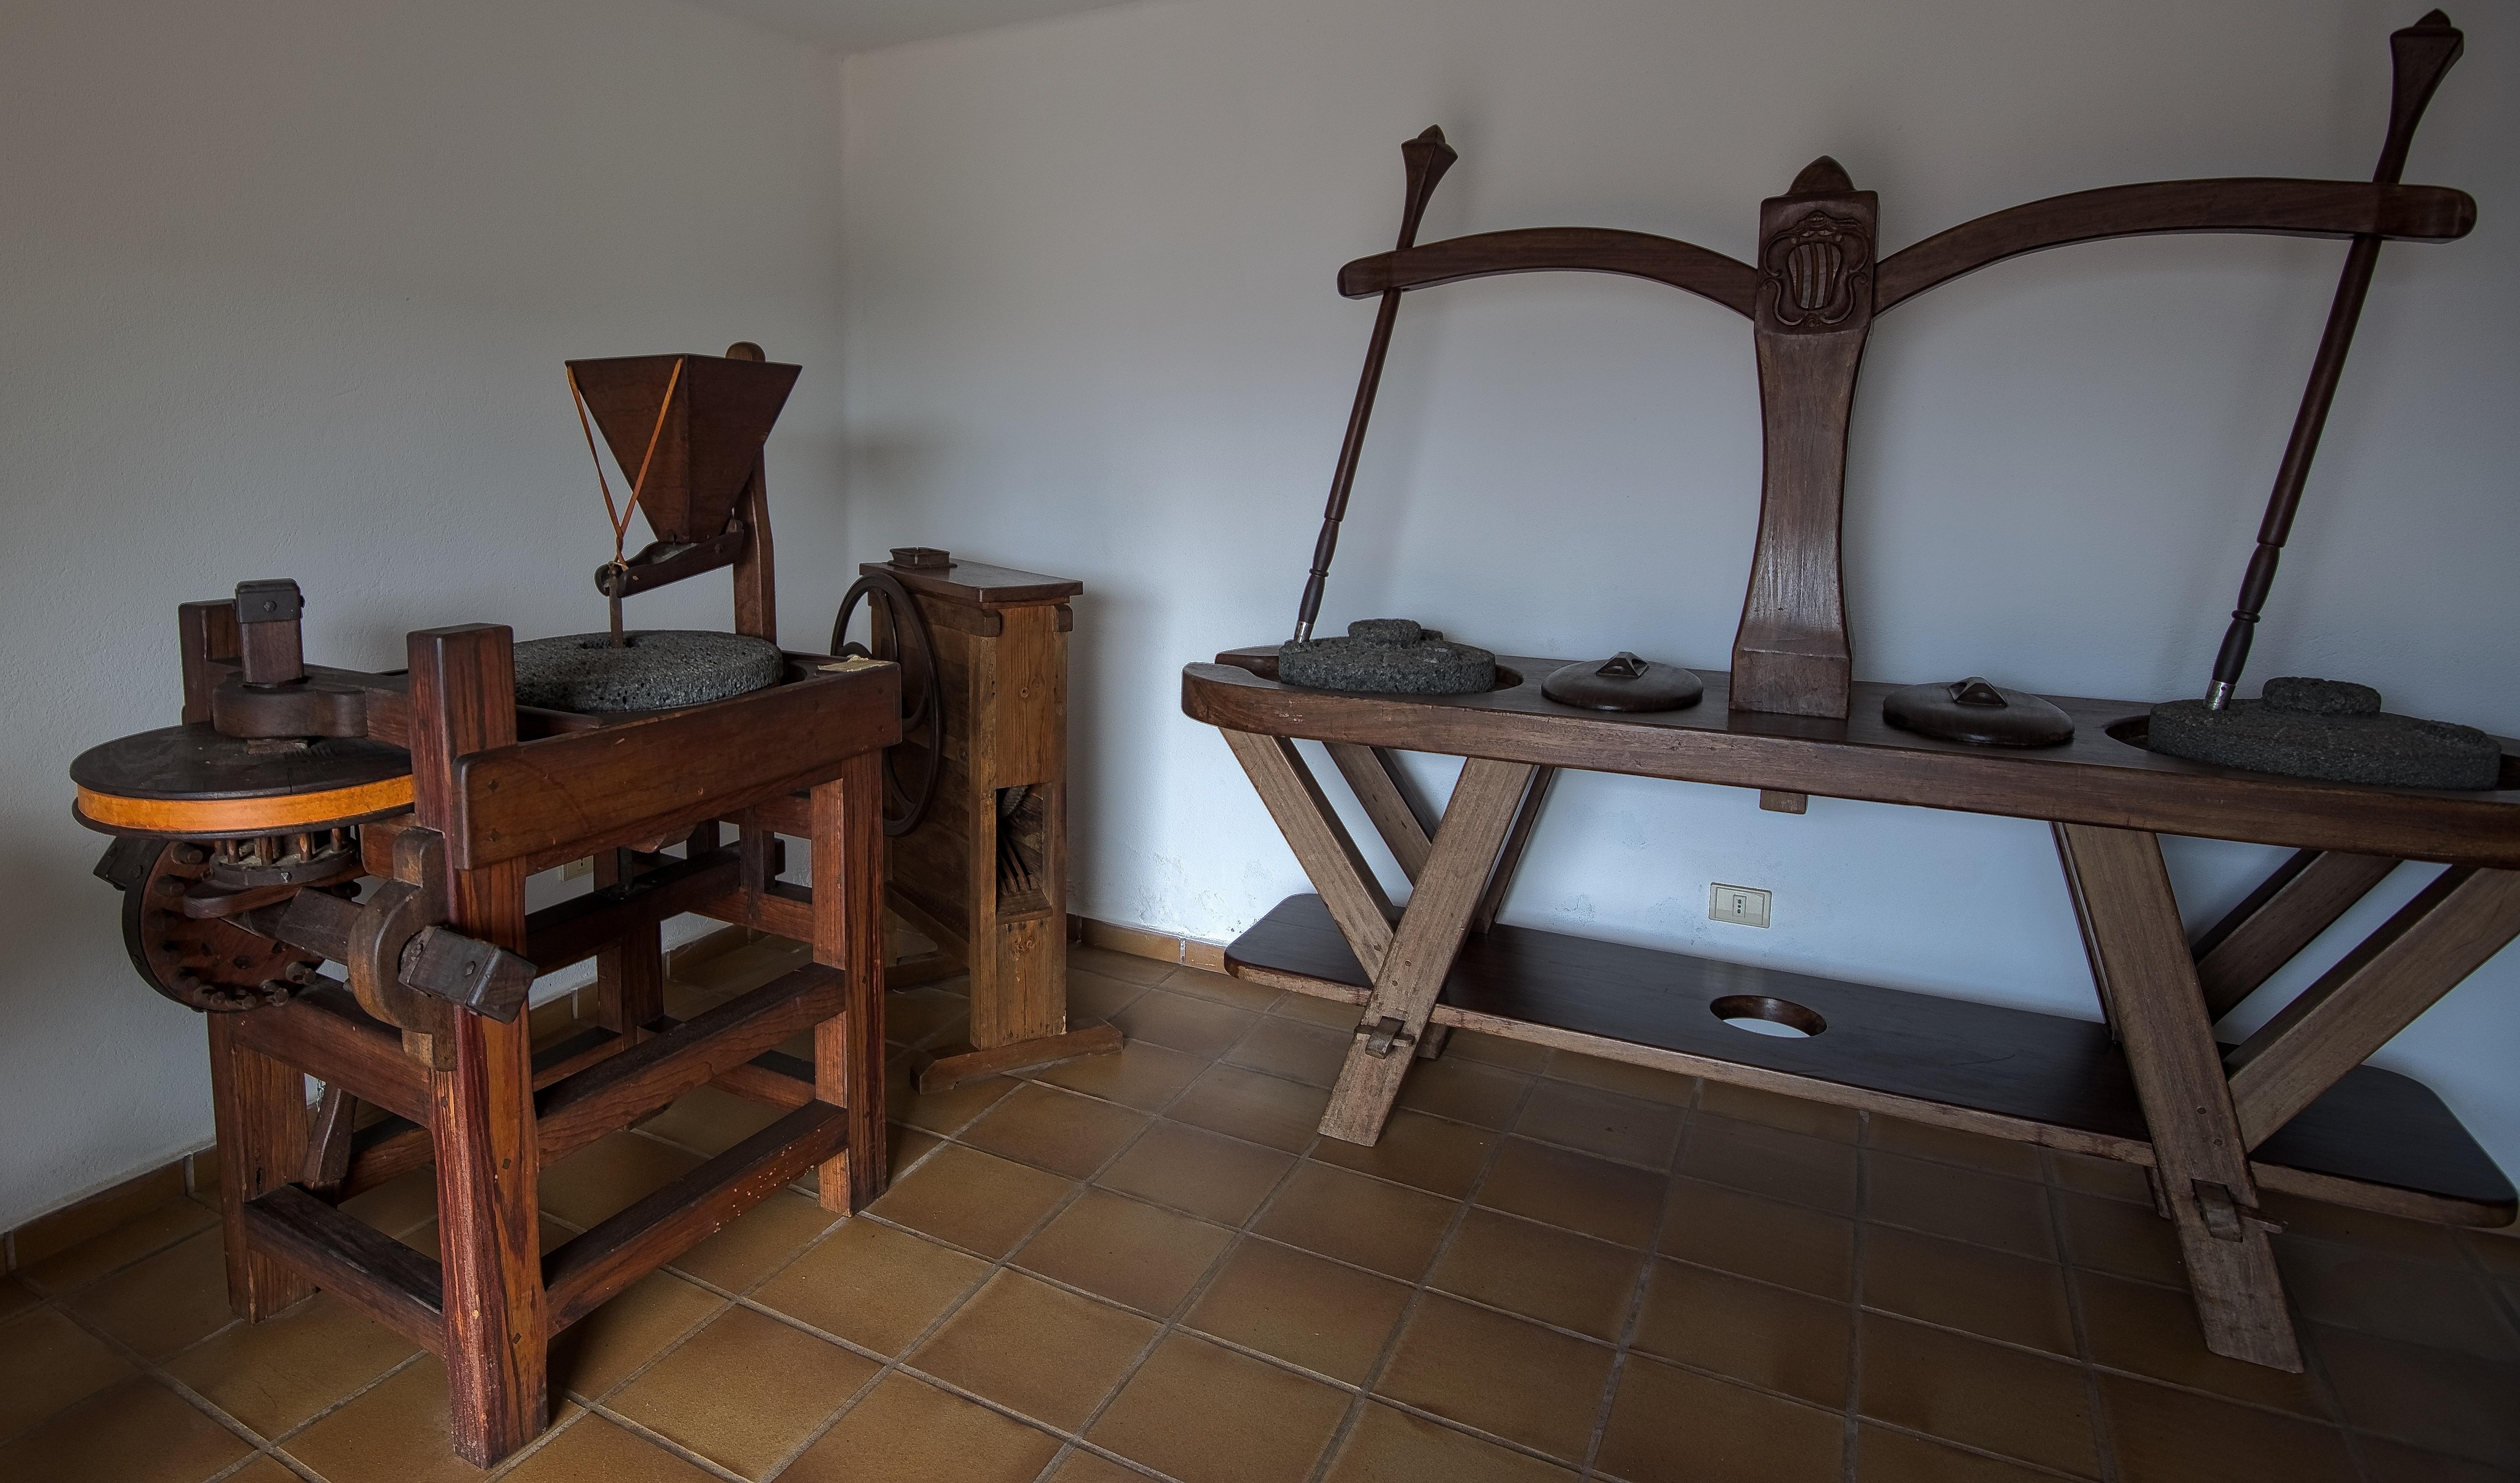 Gambar Meja Kayu Rumah Lantai Pondok Kuno Milik Ruang